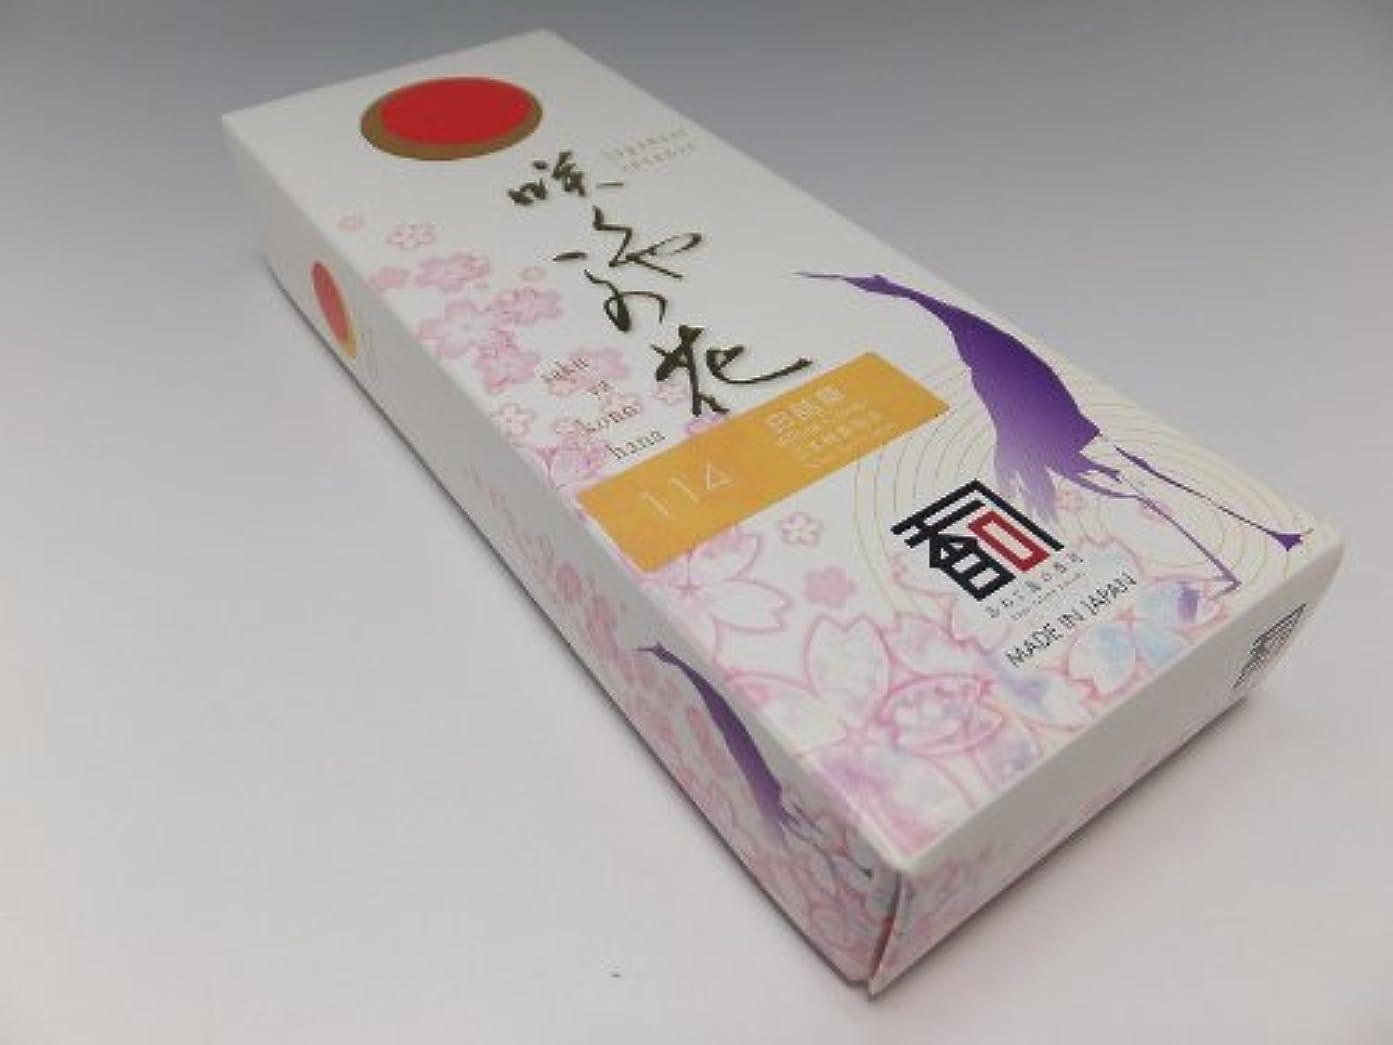 かごブーストコミットメント「あわじ島の香司」 日本の香りシリーズ  [咲くや この花] 【114】 白詰草 (有煙)